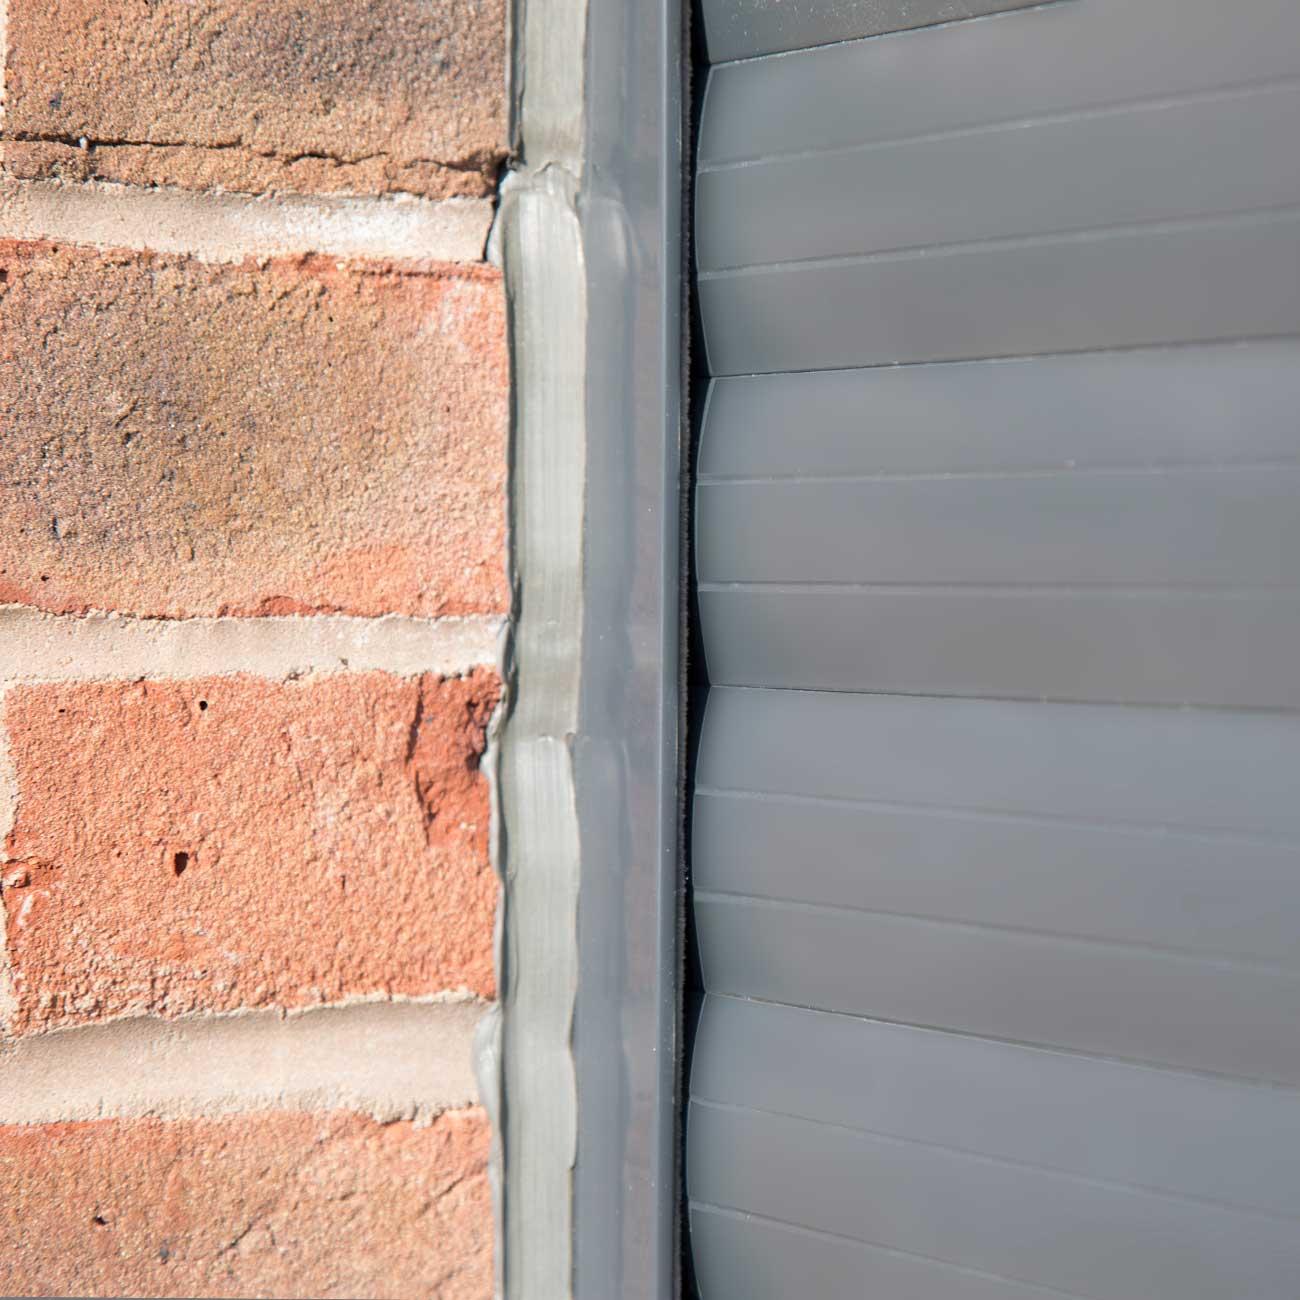 Alluguard 55 compact roller shutter lath profile